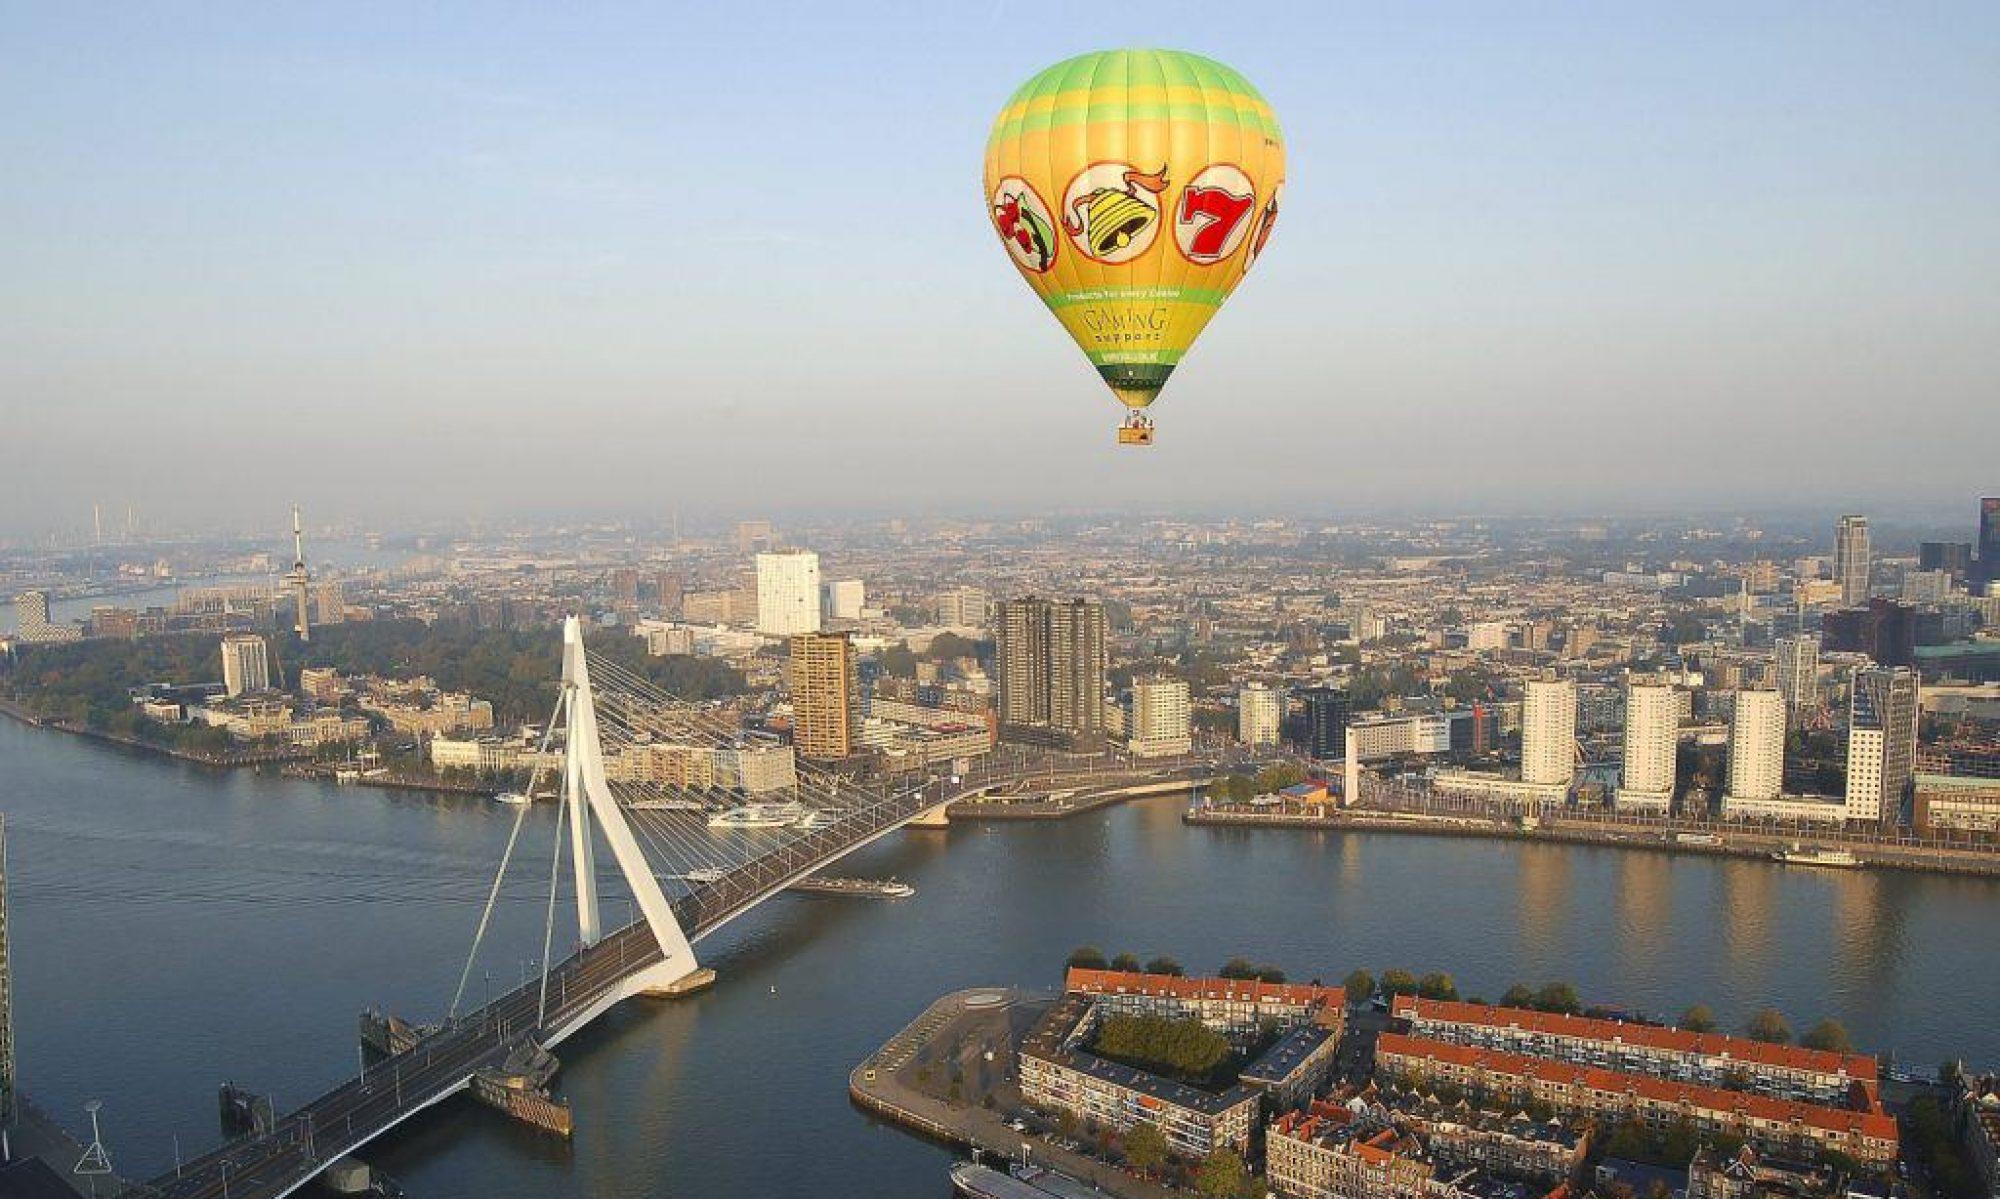 Hollandse Ballonvaart Maatschappij